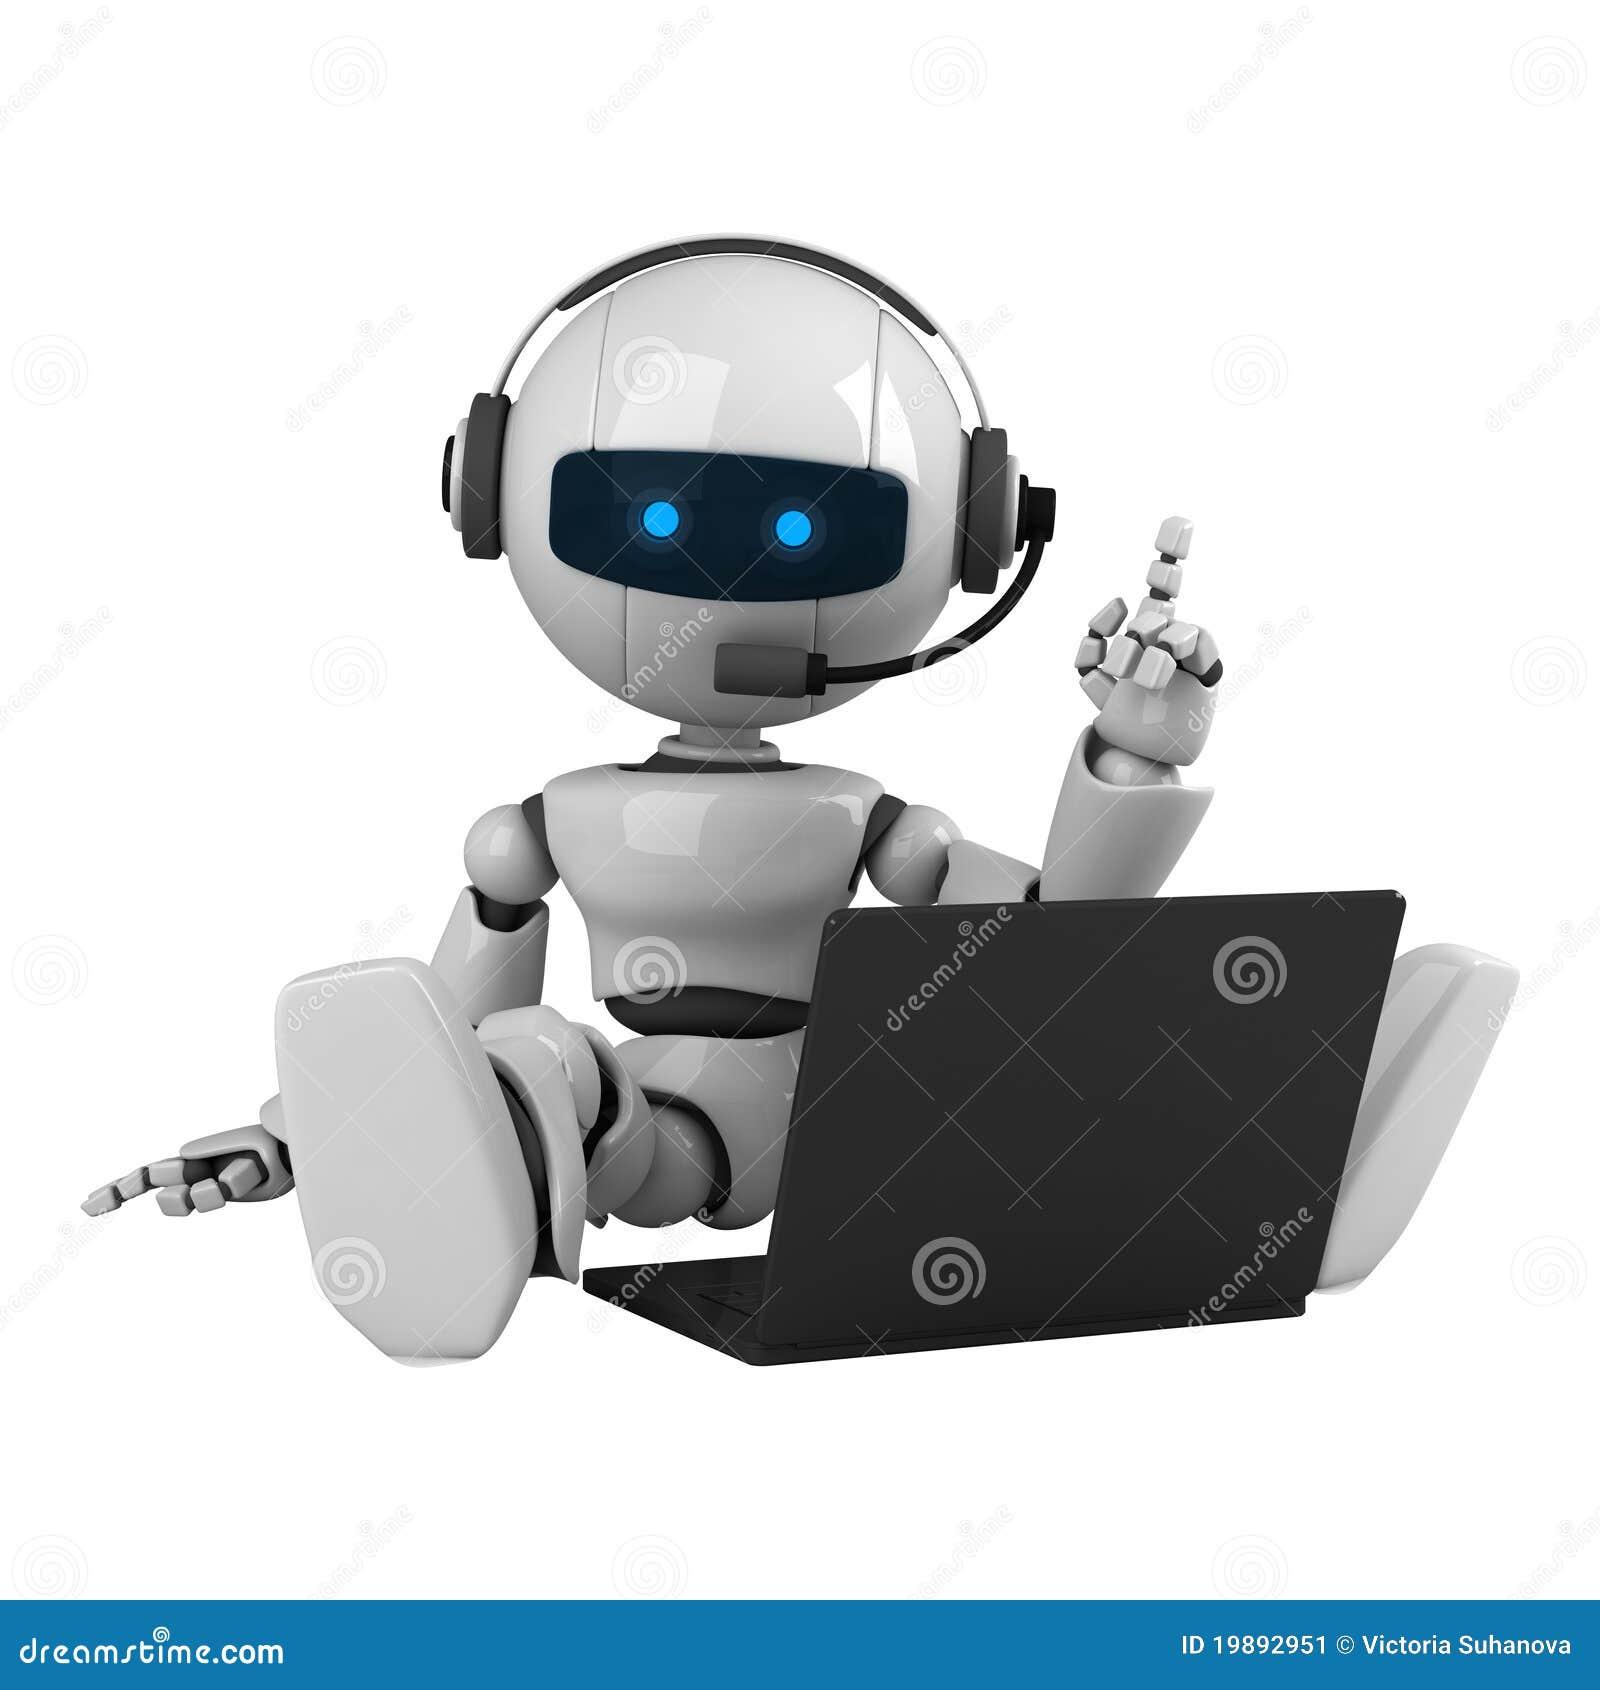 Чат с роботом на русском 7 фотография